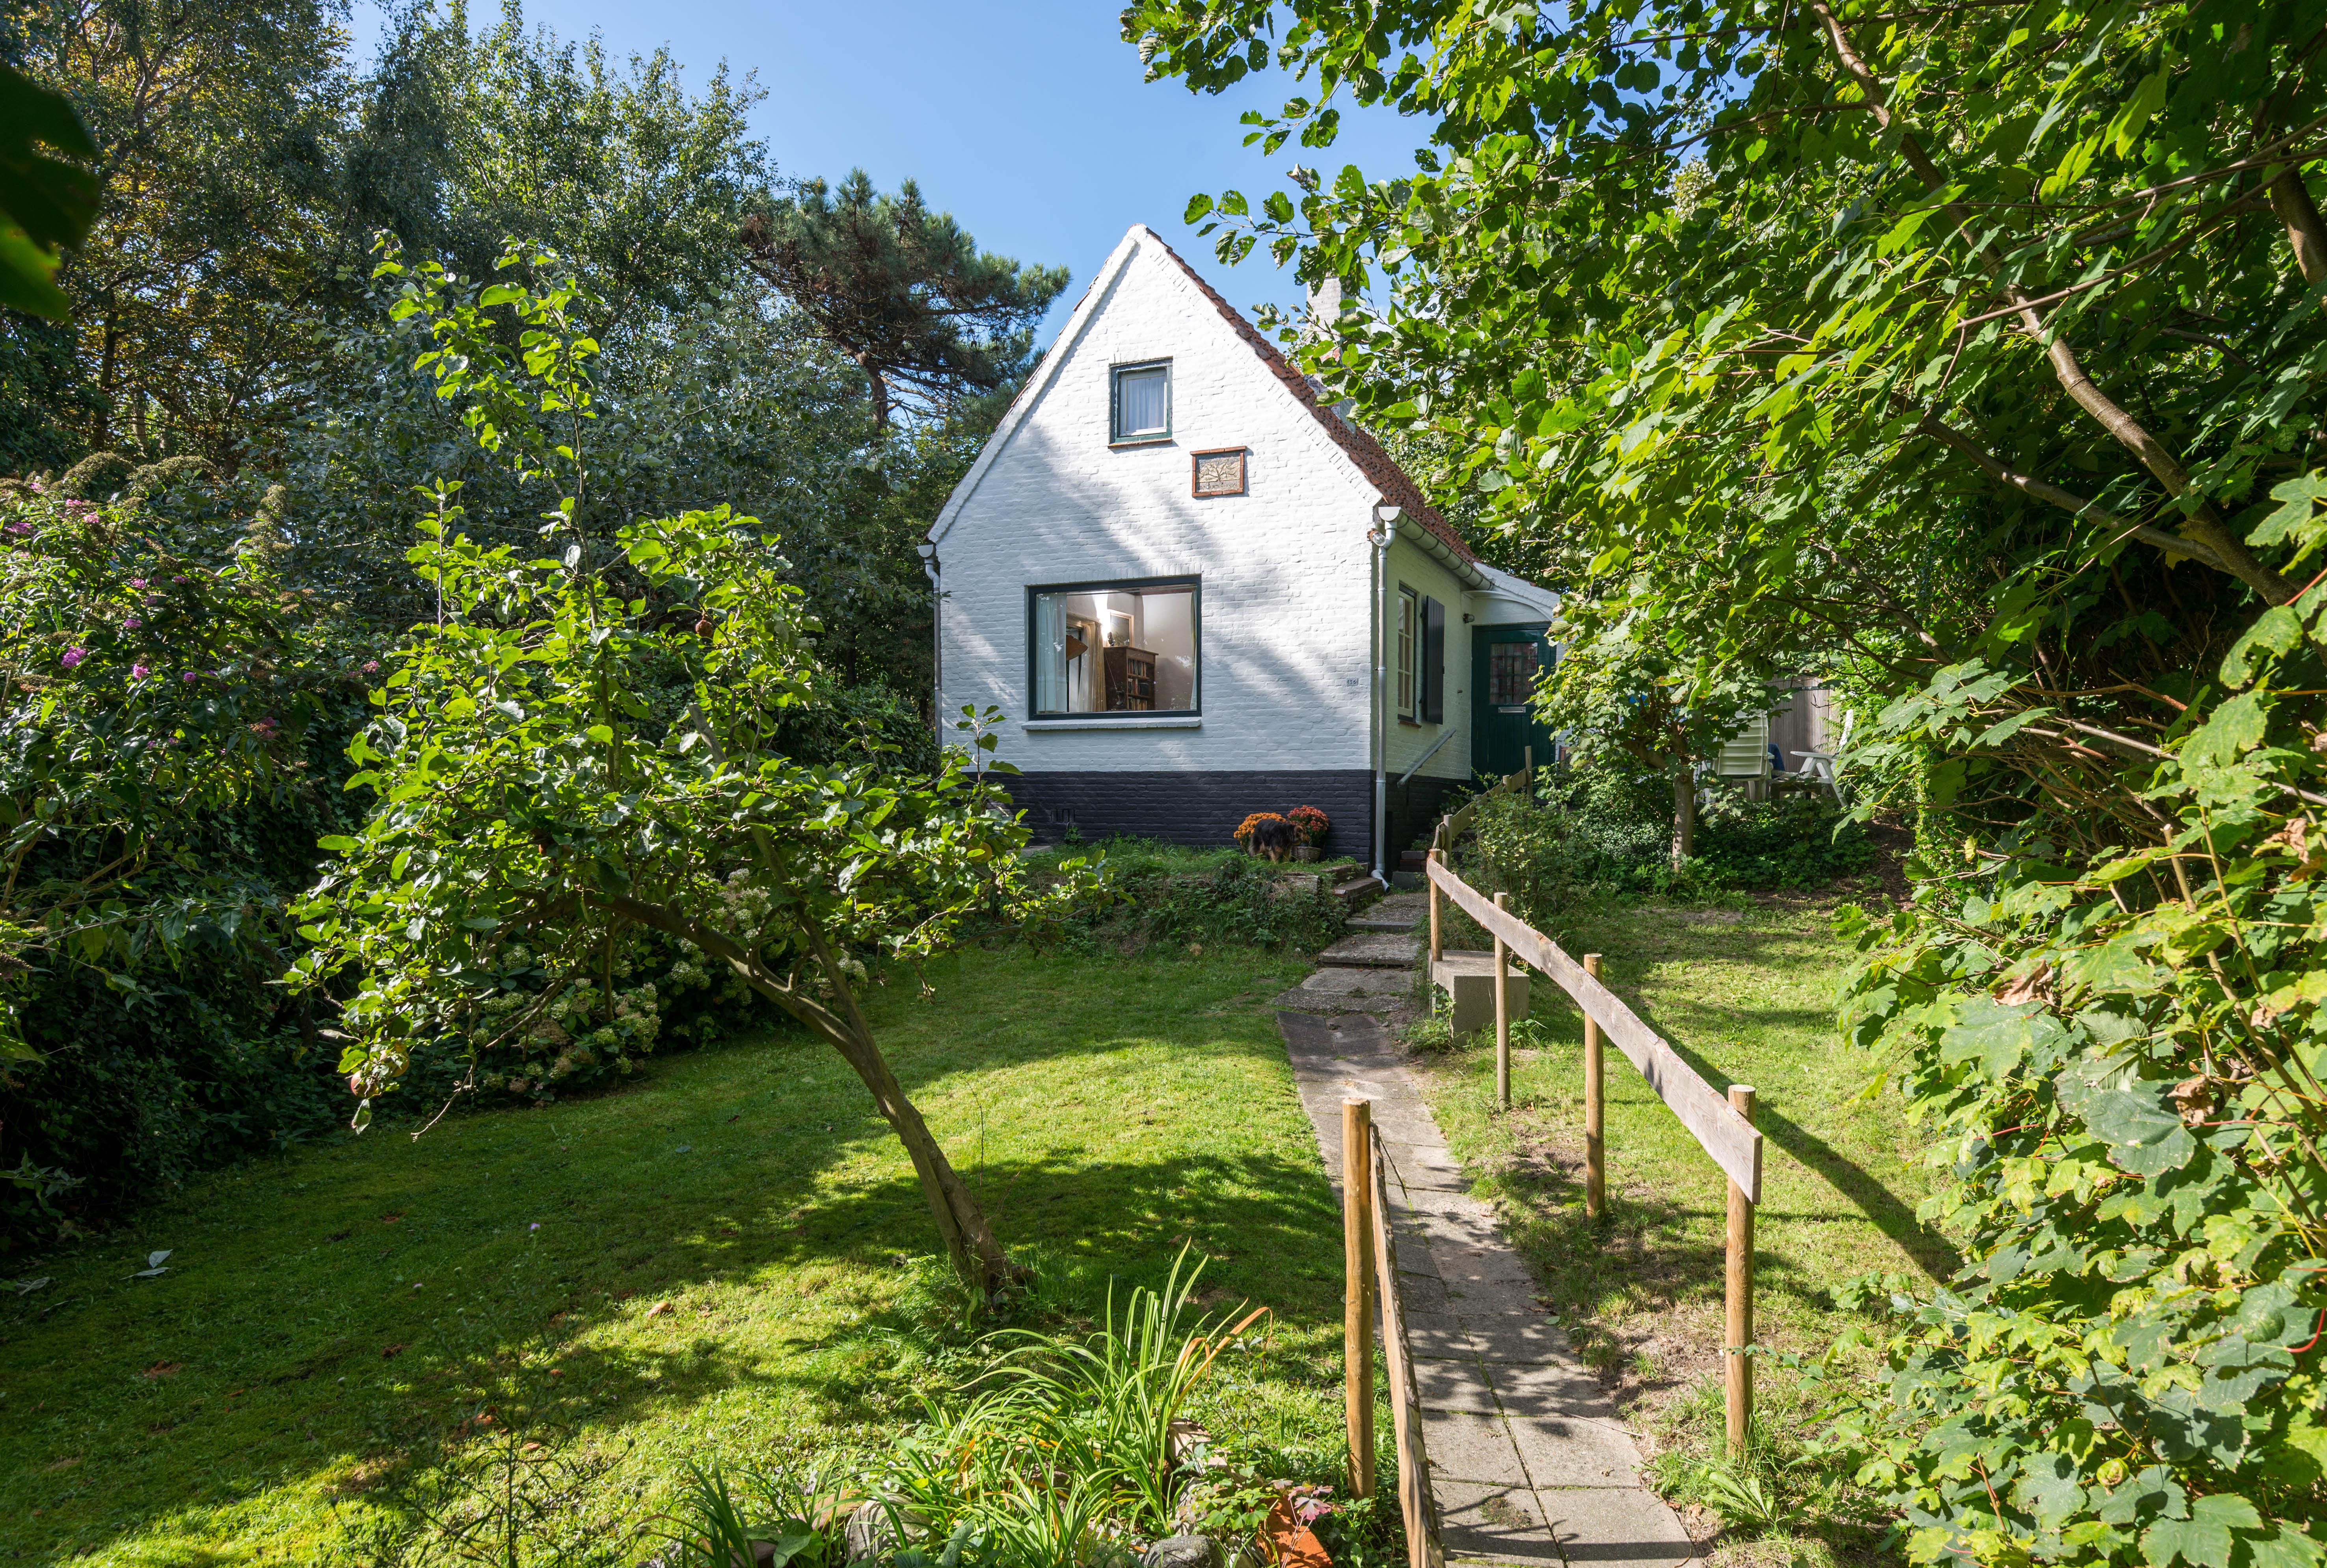 De2beren vakantiehuizen te huur aan de zeeuwse kust for Klein huisje in bos te koop